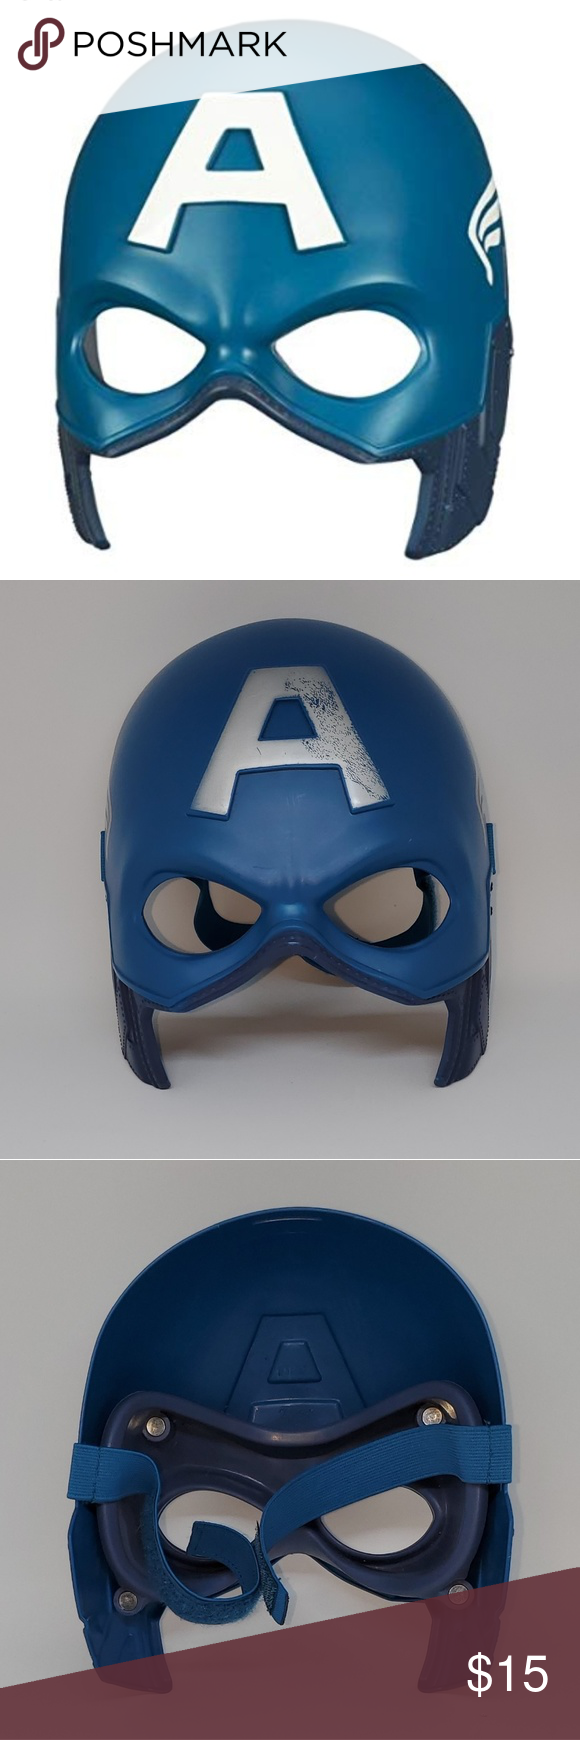 Marvel Avengers Captain America Mask Captain America Mask Marvel Captain America Captain America